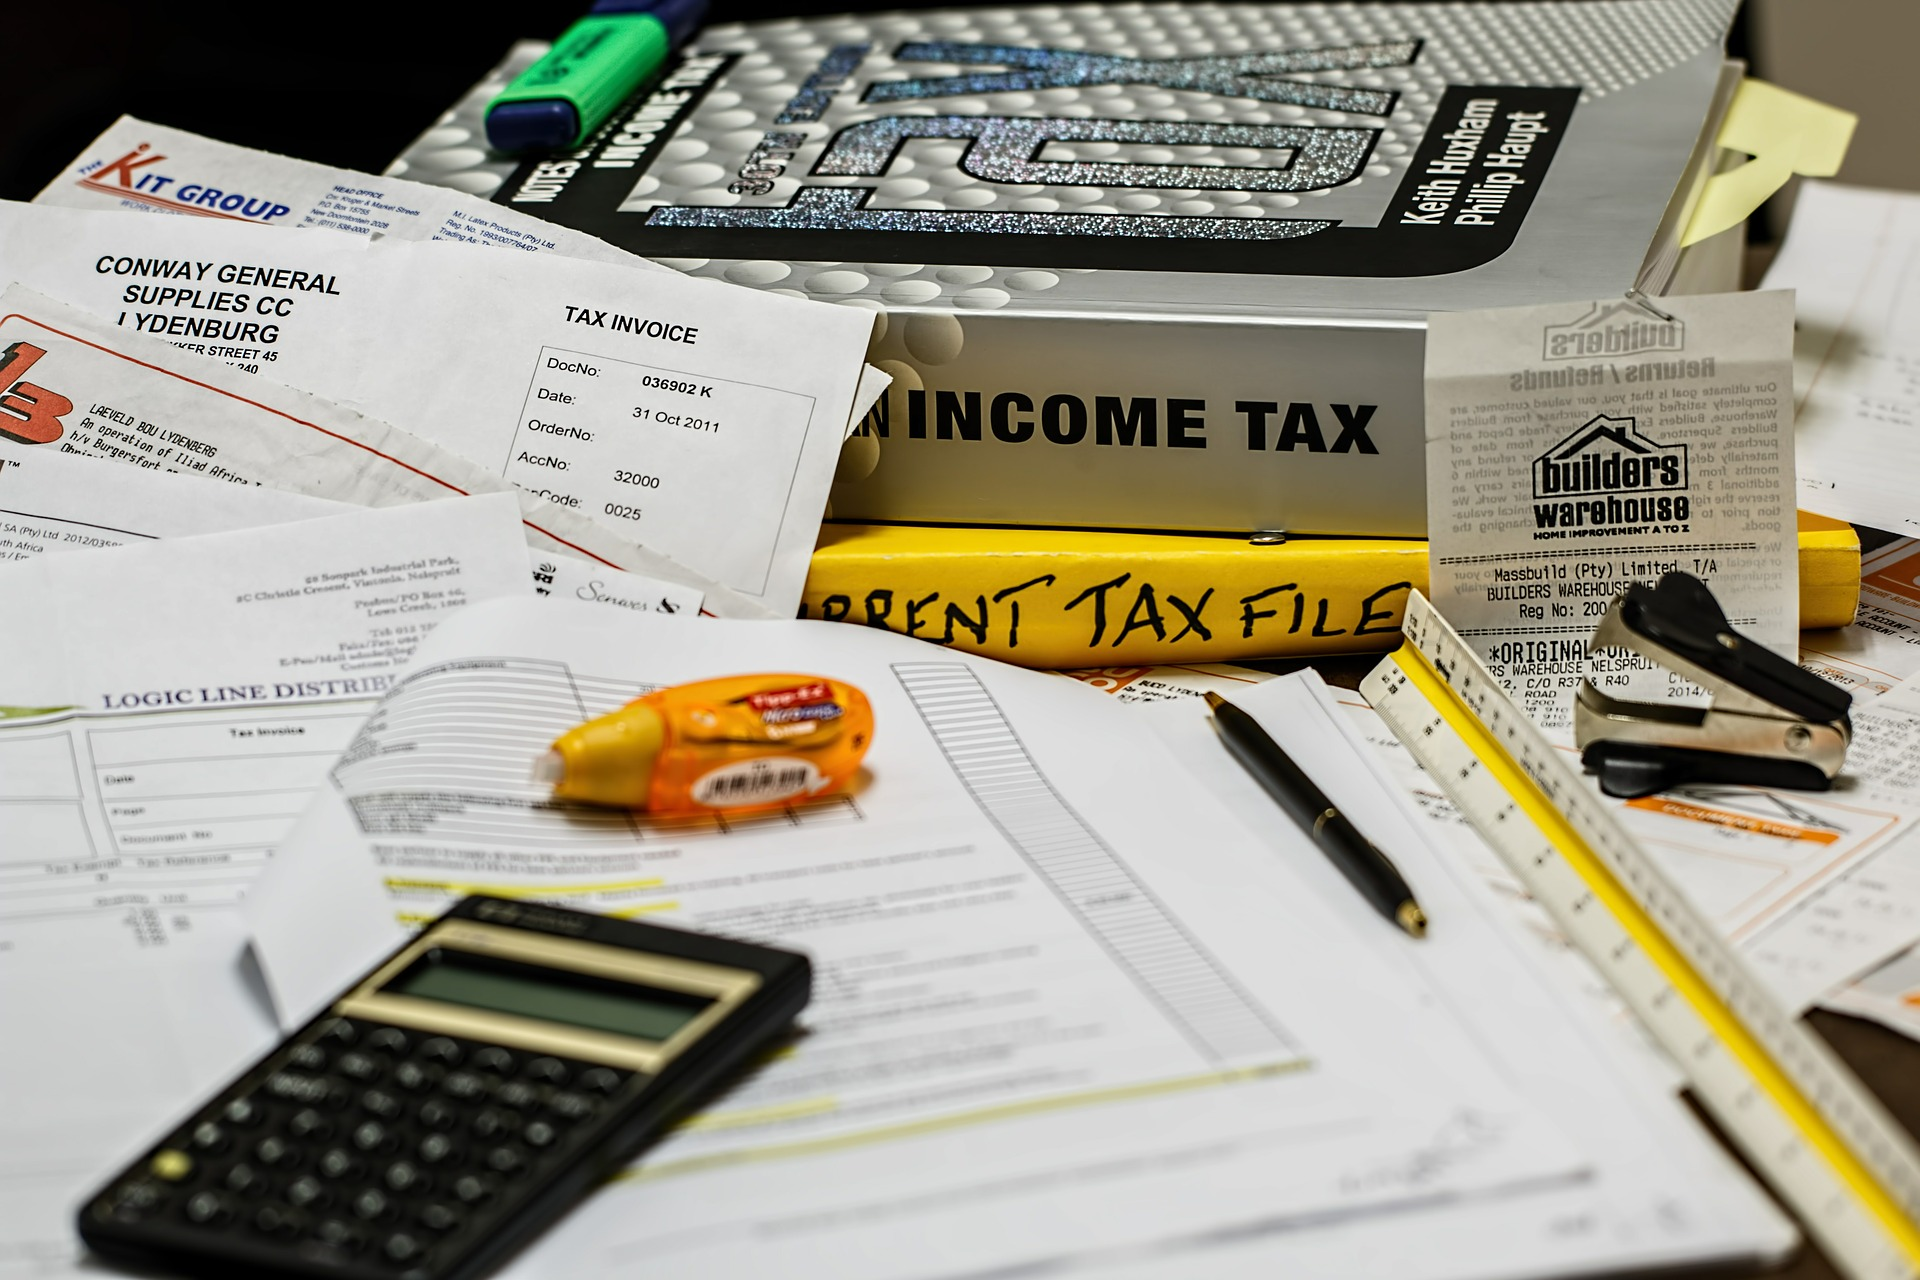 De meest voorkomende boekhoudproblemen